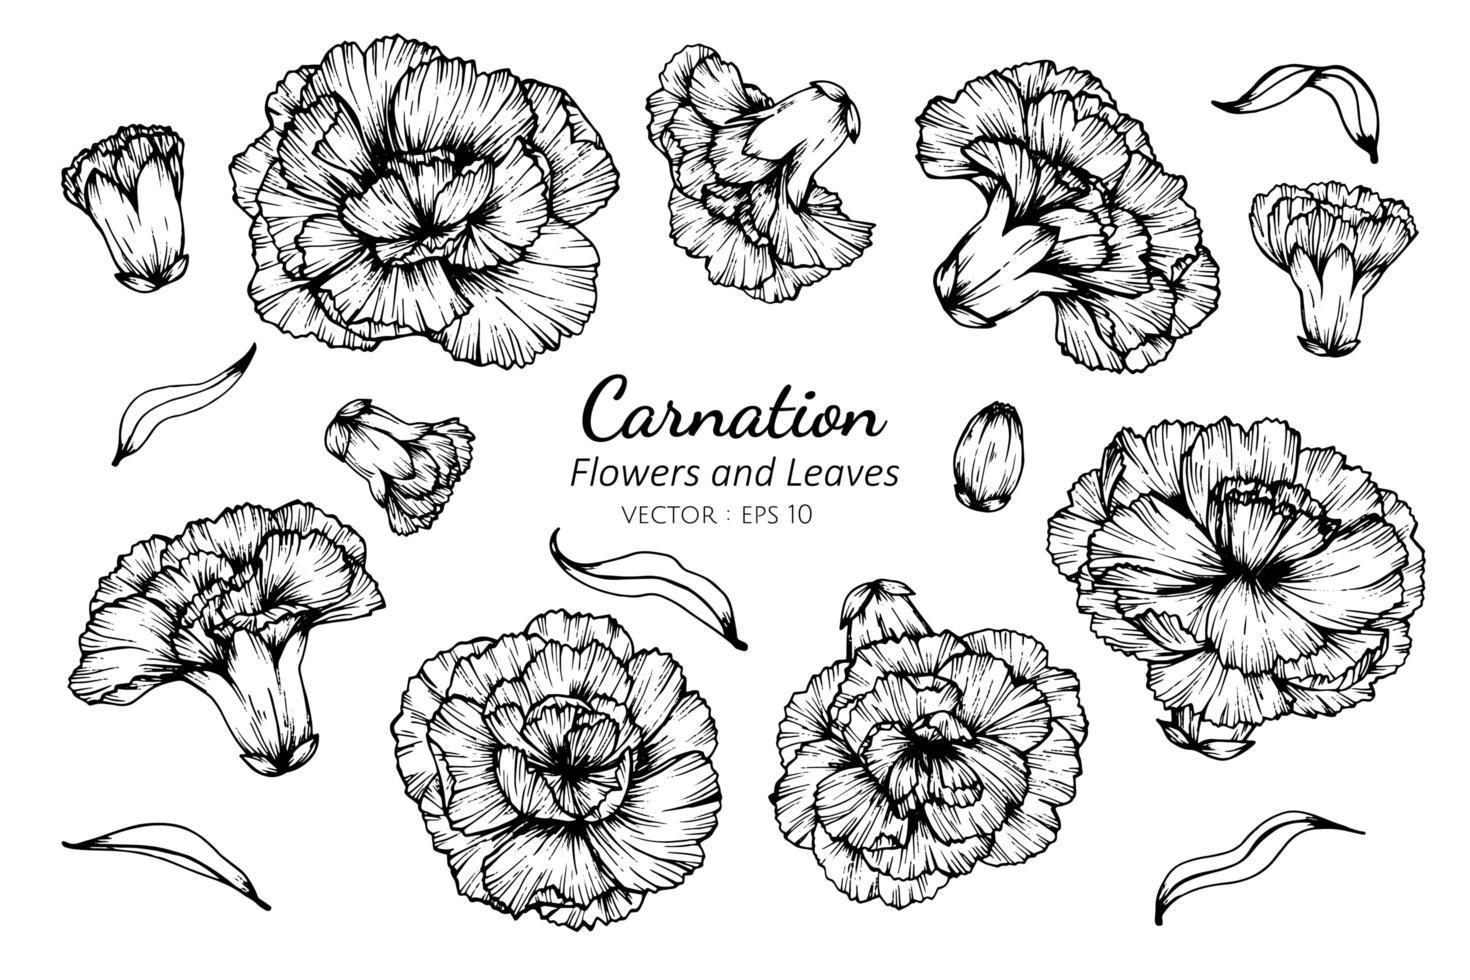 Sammlung von Nelkenblüten und Blättern vektor